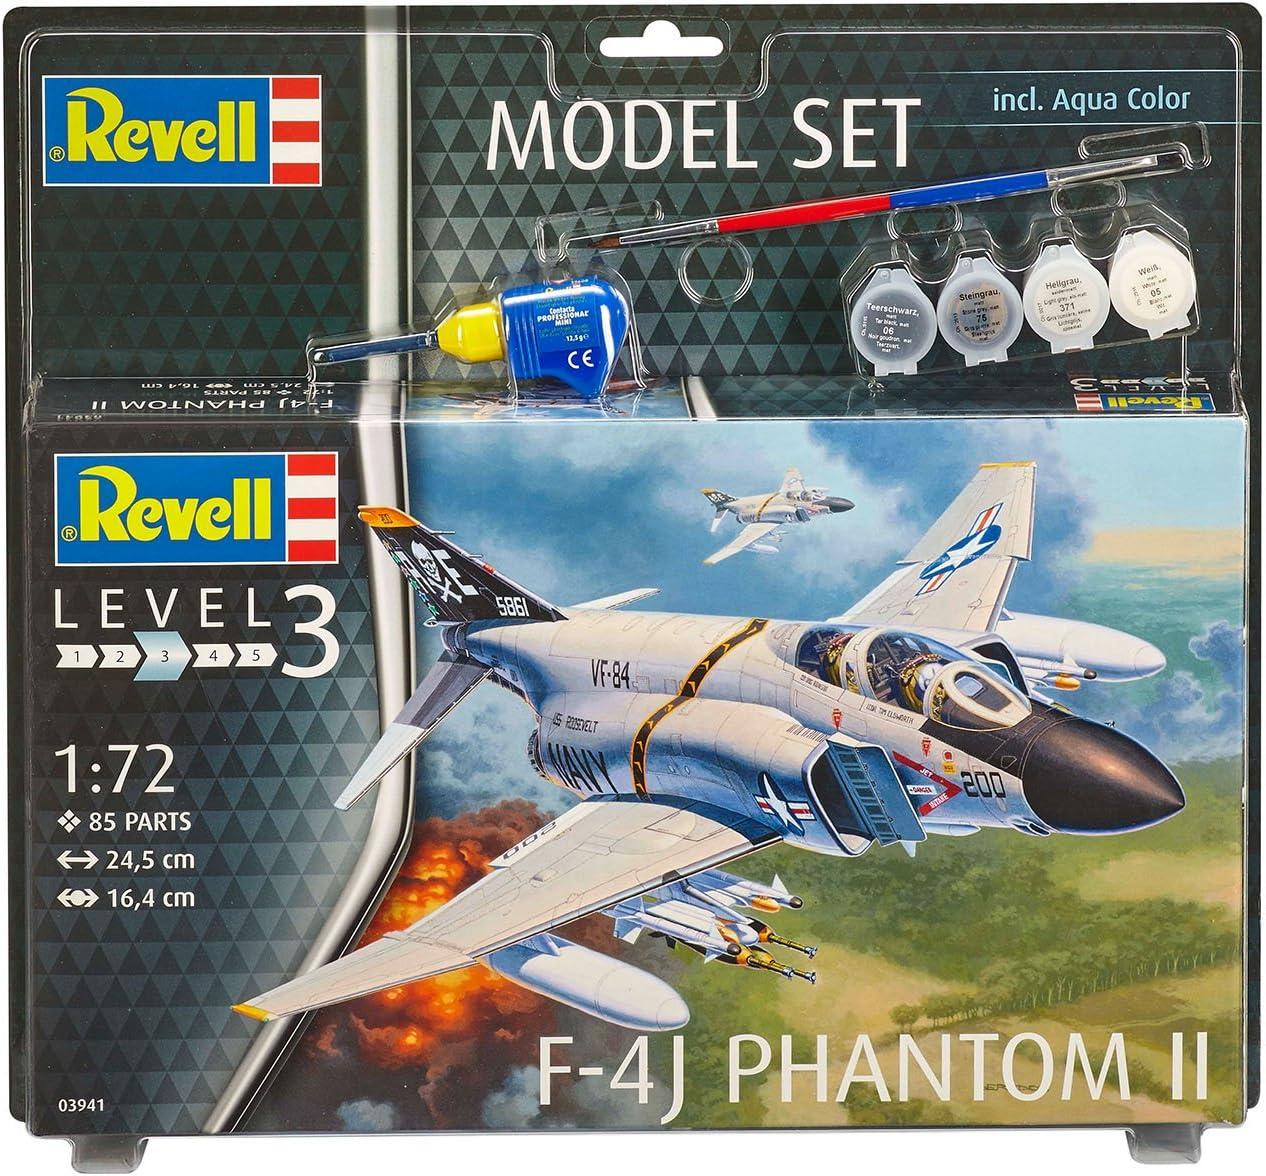 en Kit Modelo con Base Accesorios f/ácil Pegar y para pintarlas Escala 1:72 24,5cm 24,5 cm de Largo Revell Revell-F-4J I Set 63941 F-4J Phantom II